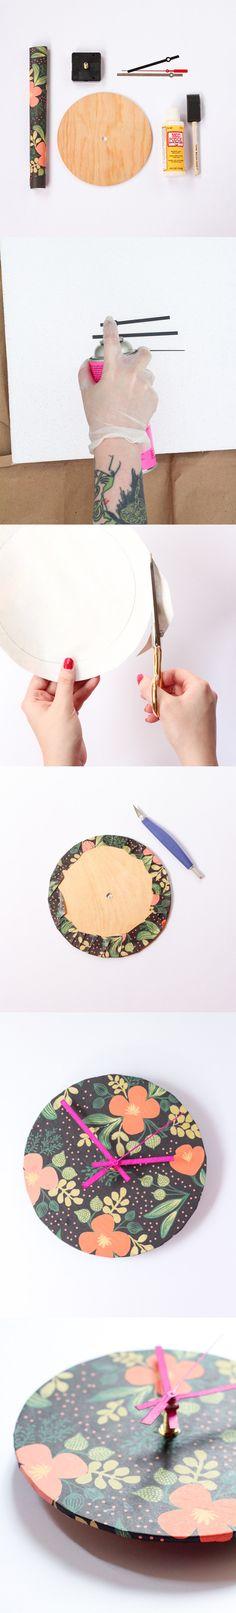 Reloj DIY de pared / http://www.henryhappened.com/